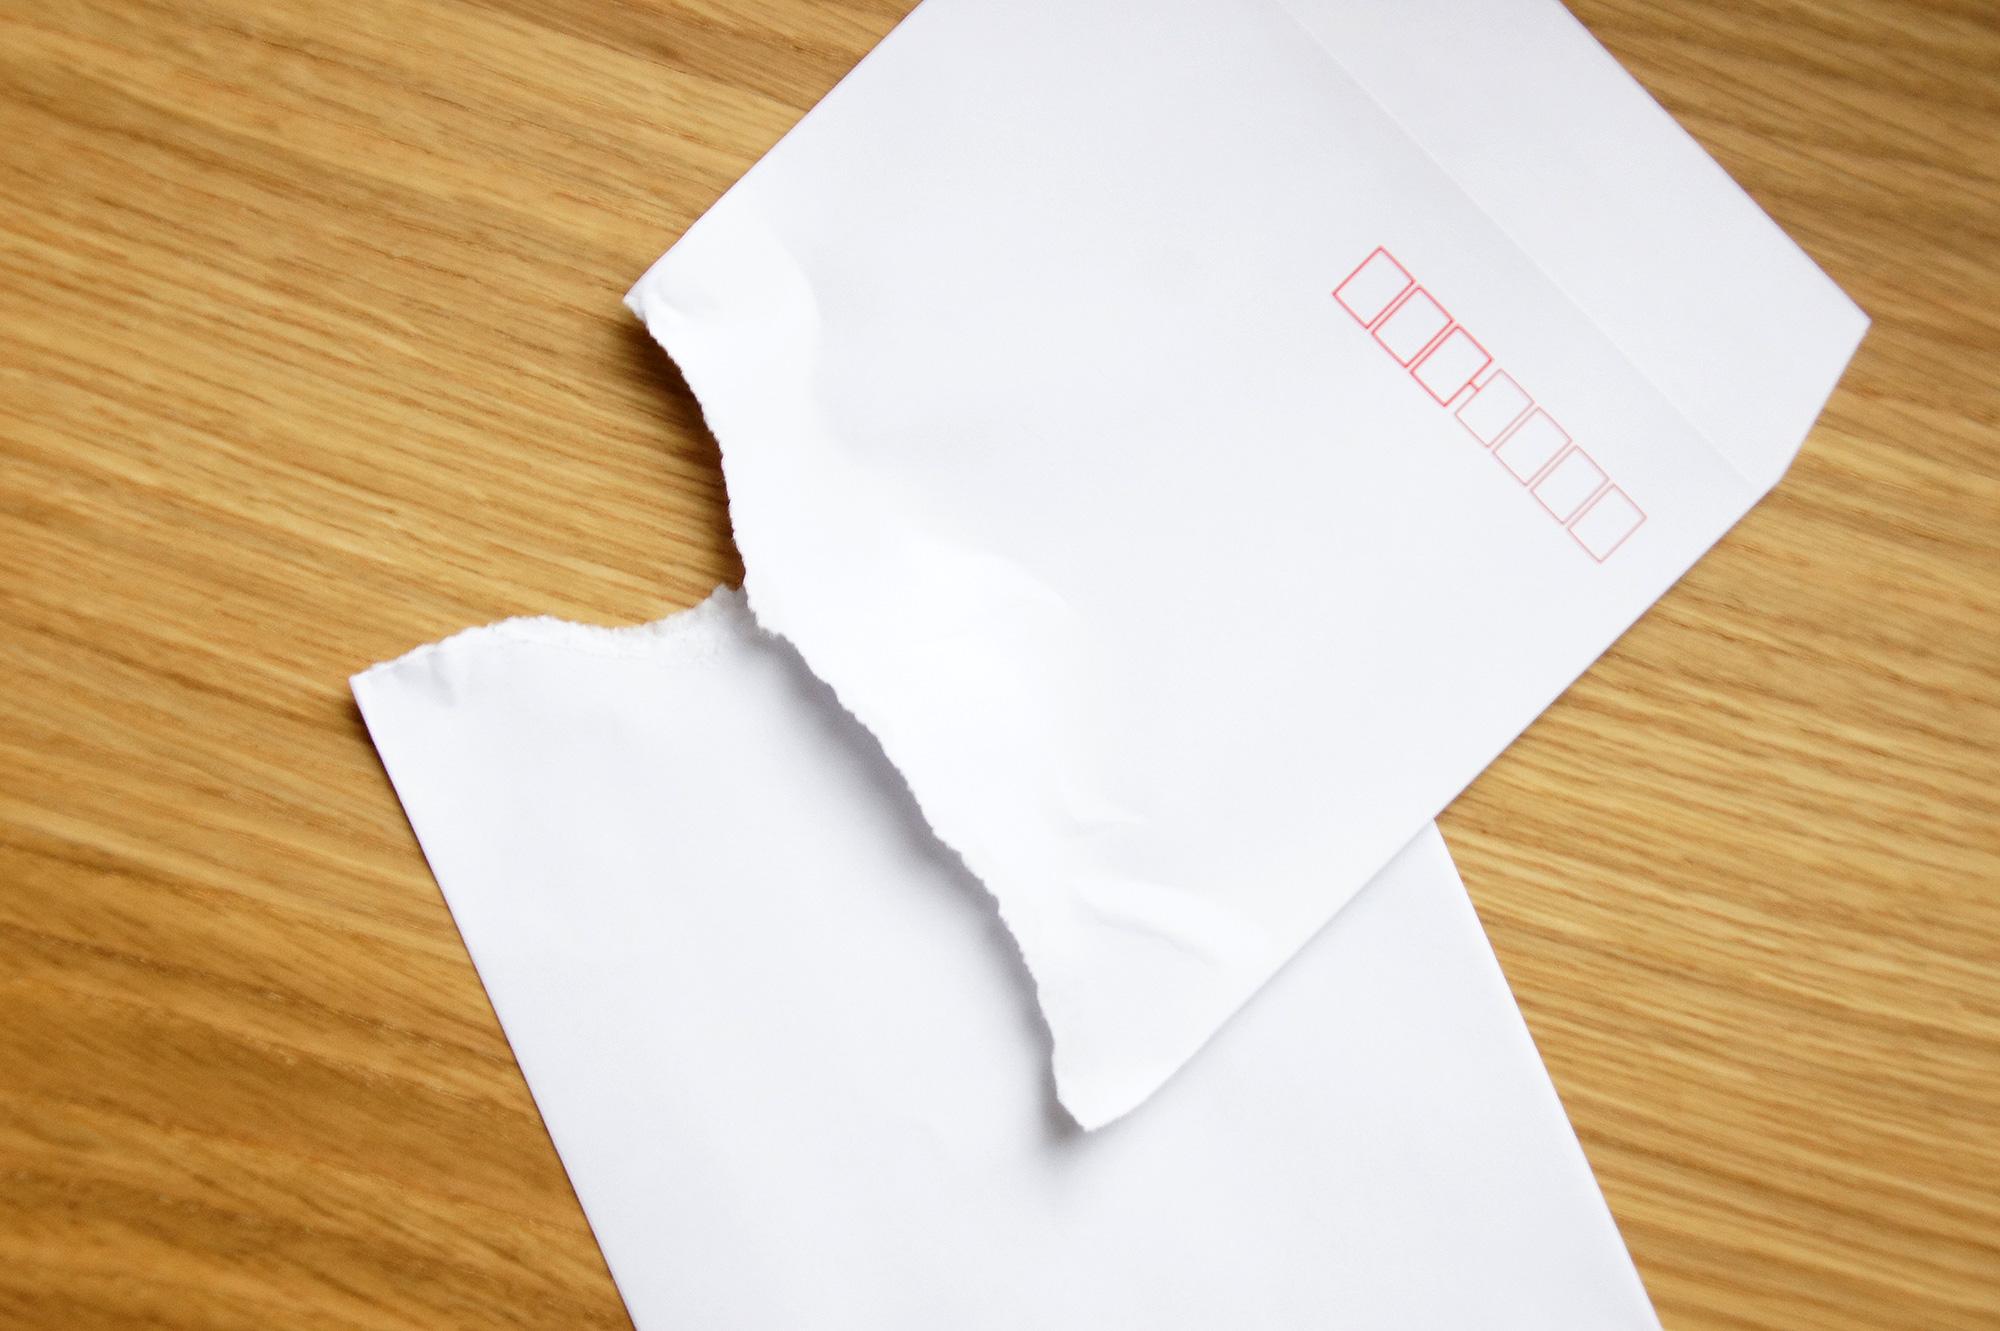 破かれた封筒